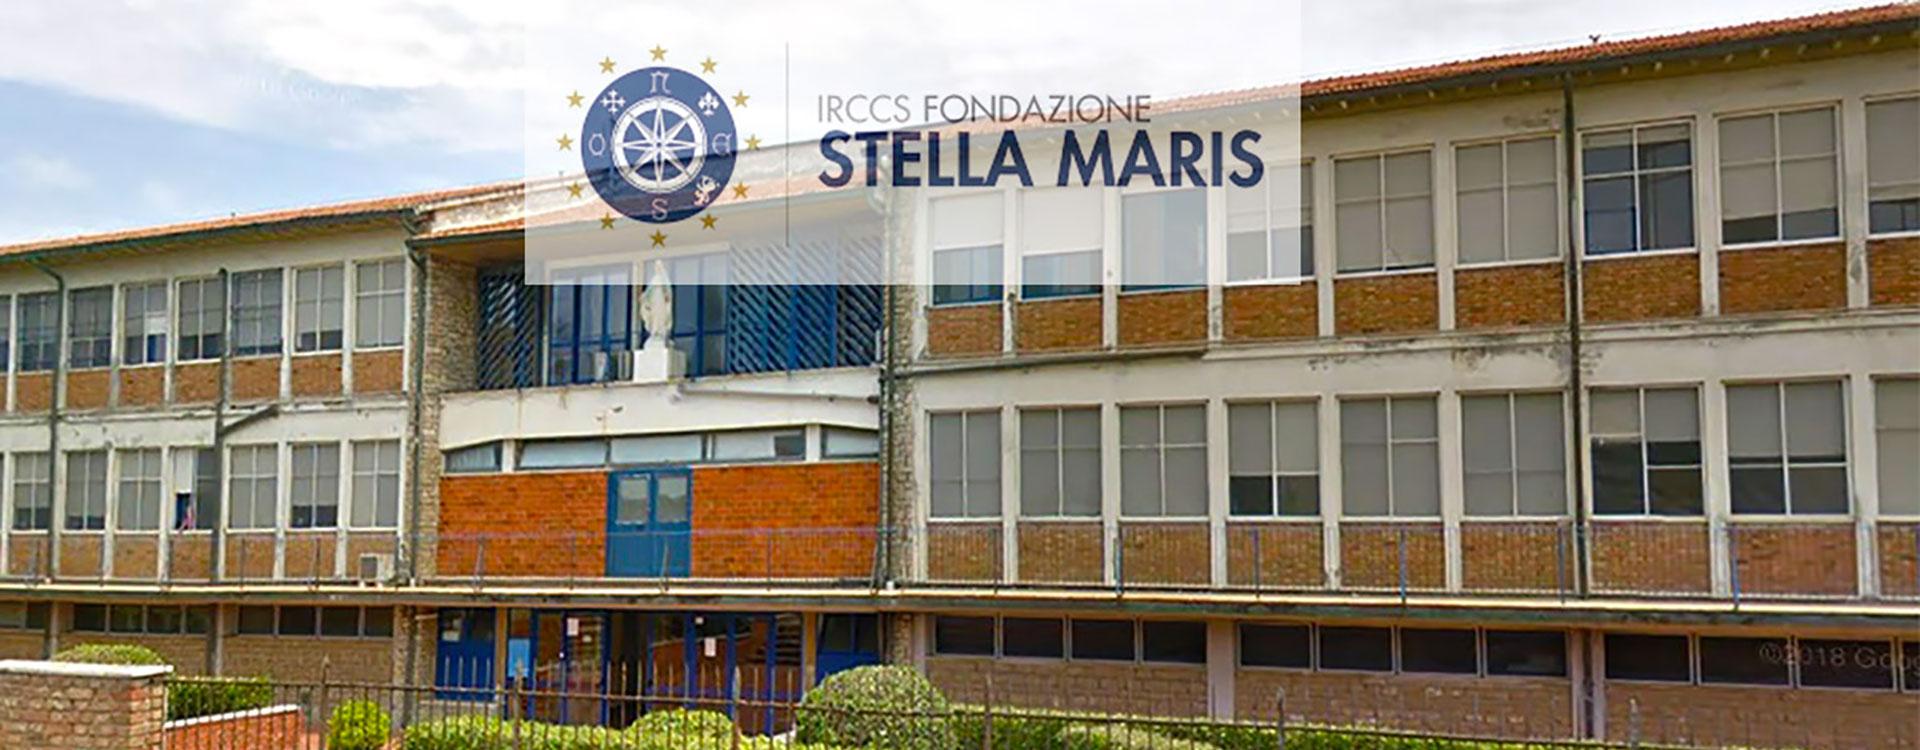 stellaMarisSlider1920x750